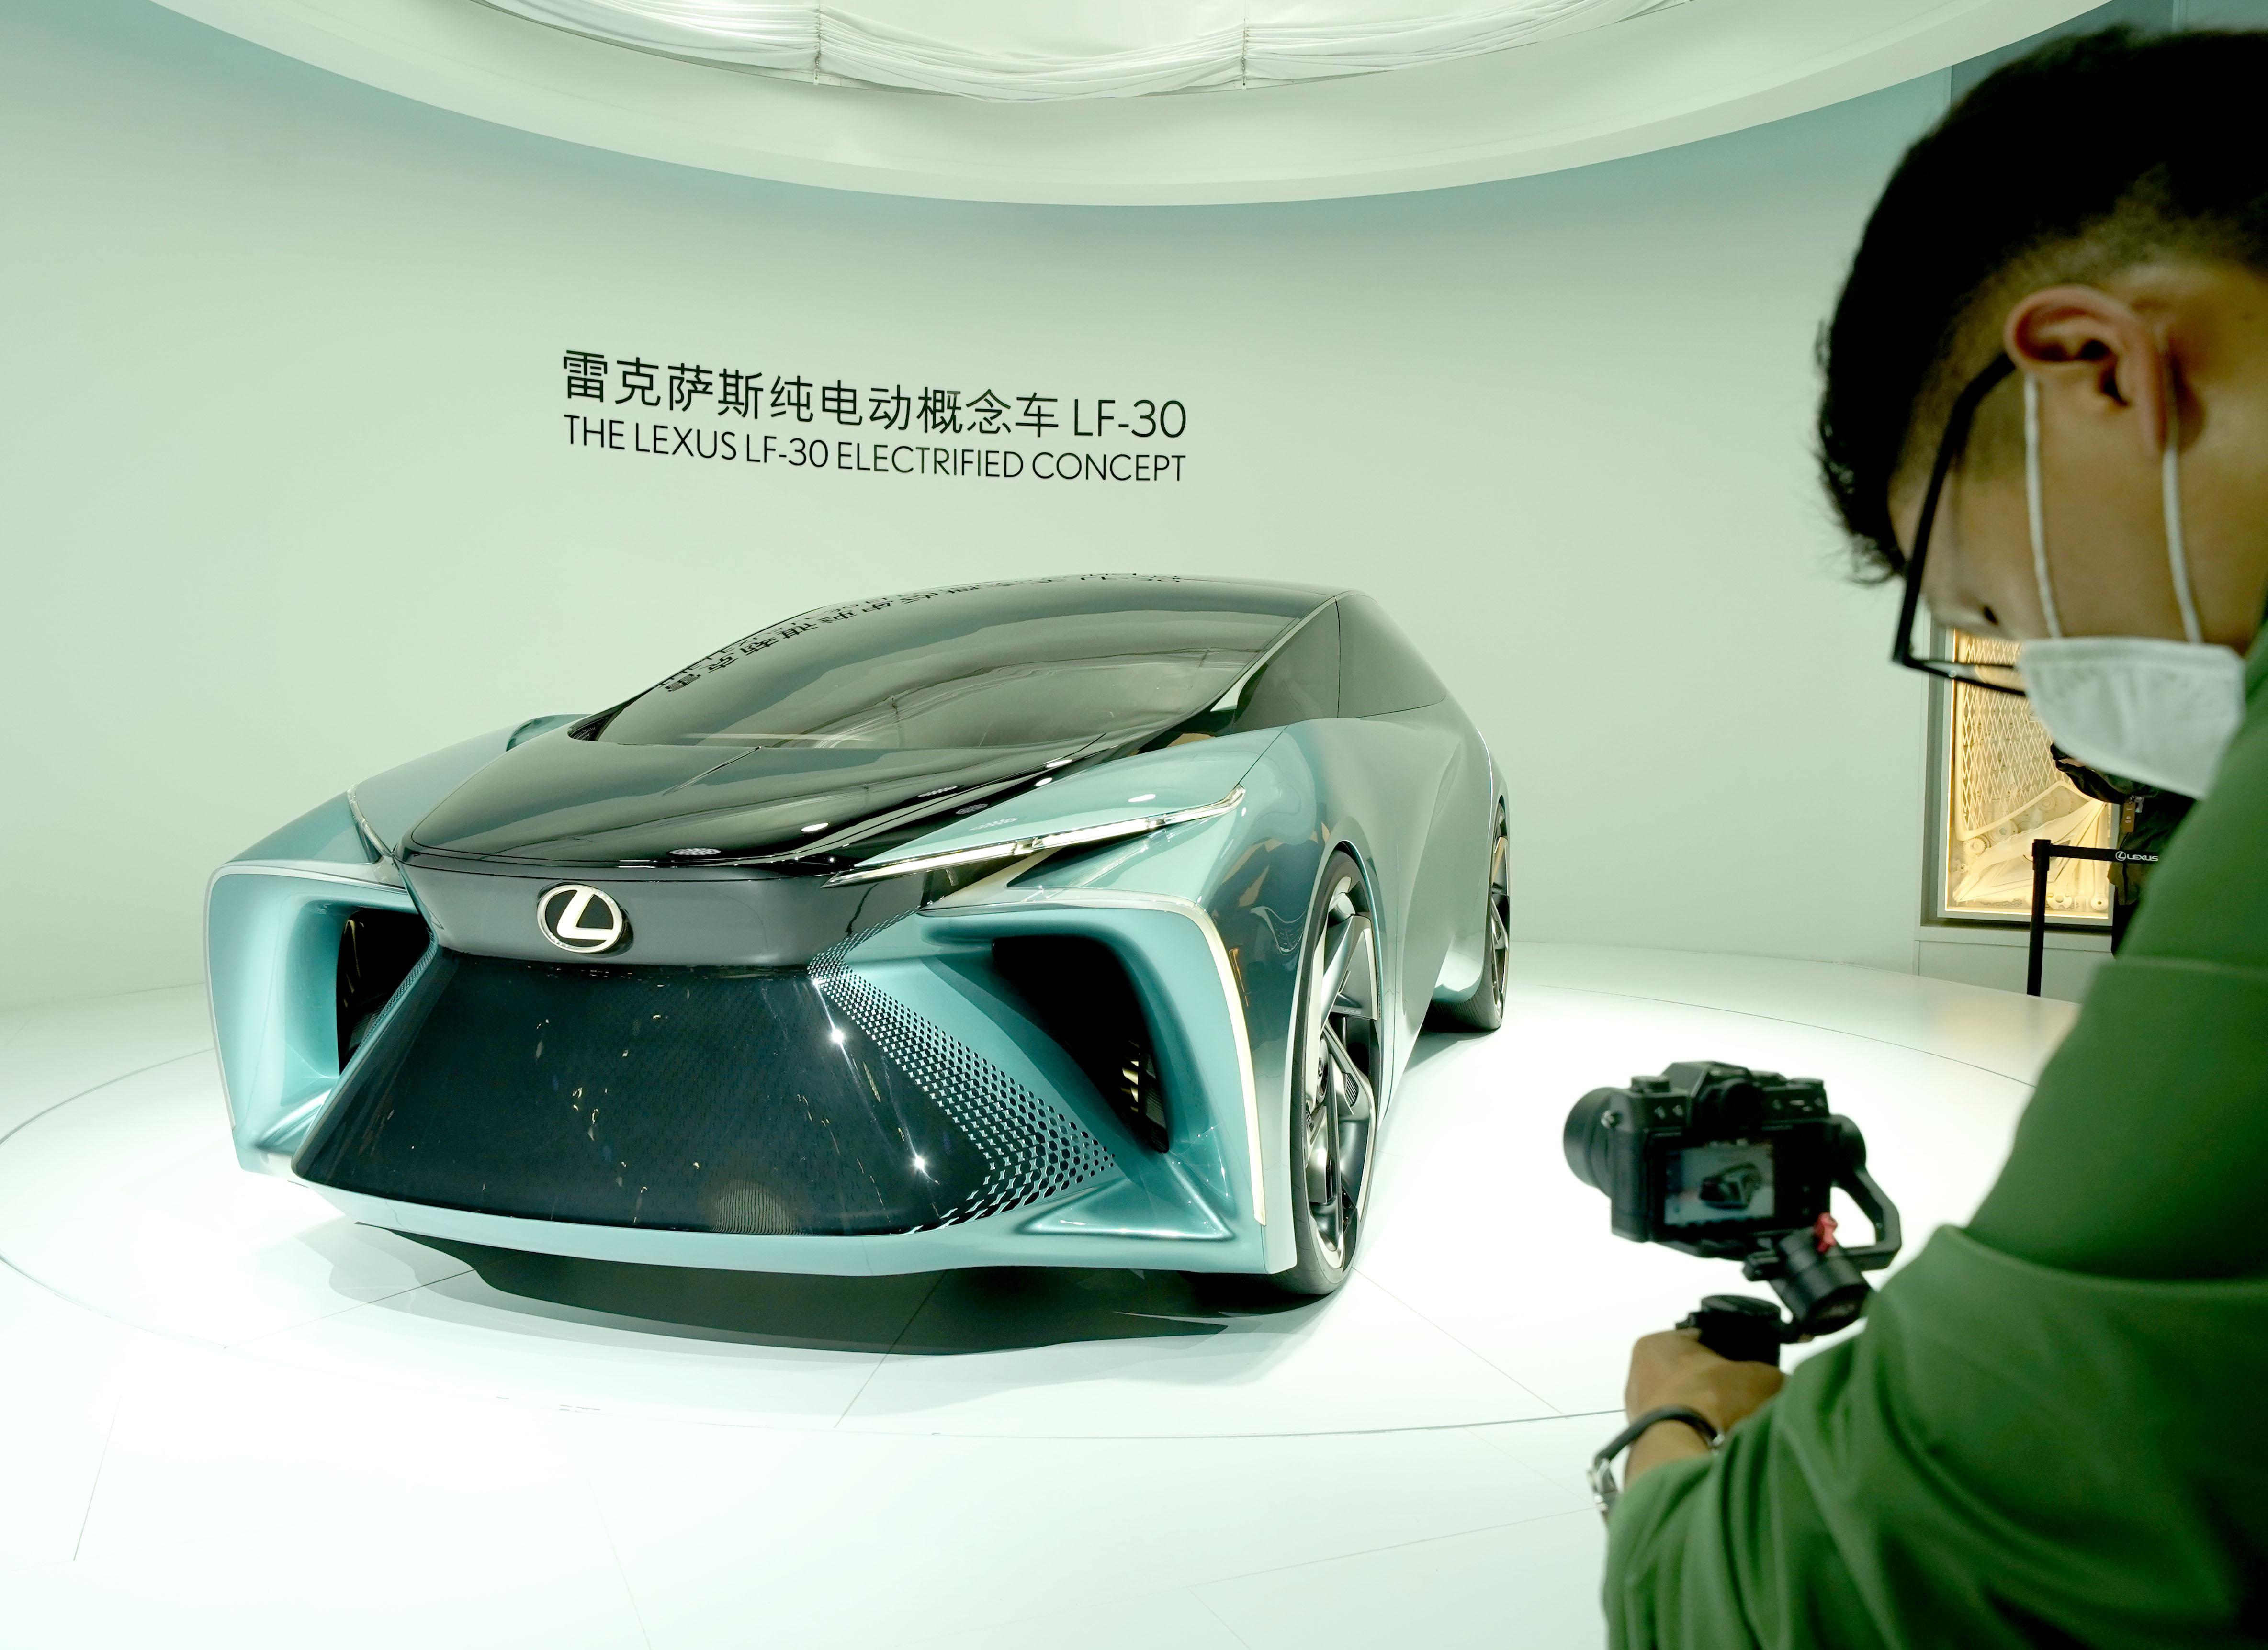 北京モーターショー、中国の自動車産業に三つのシグナル